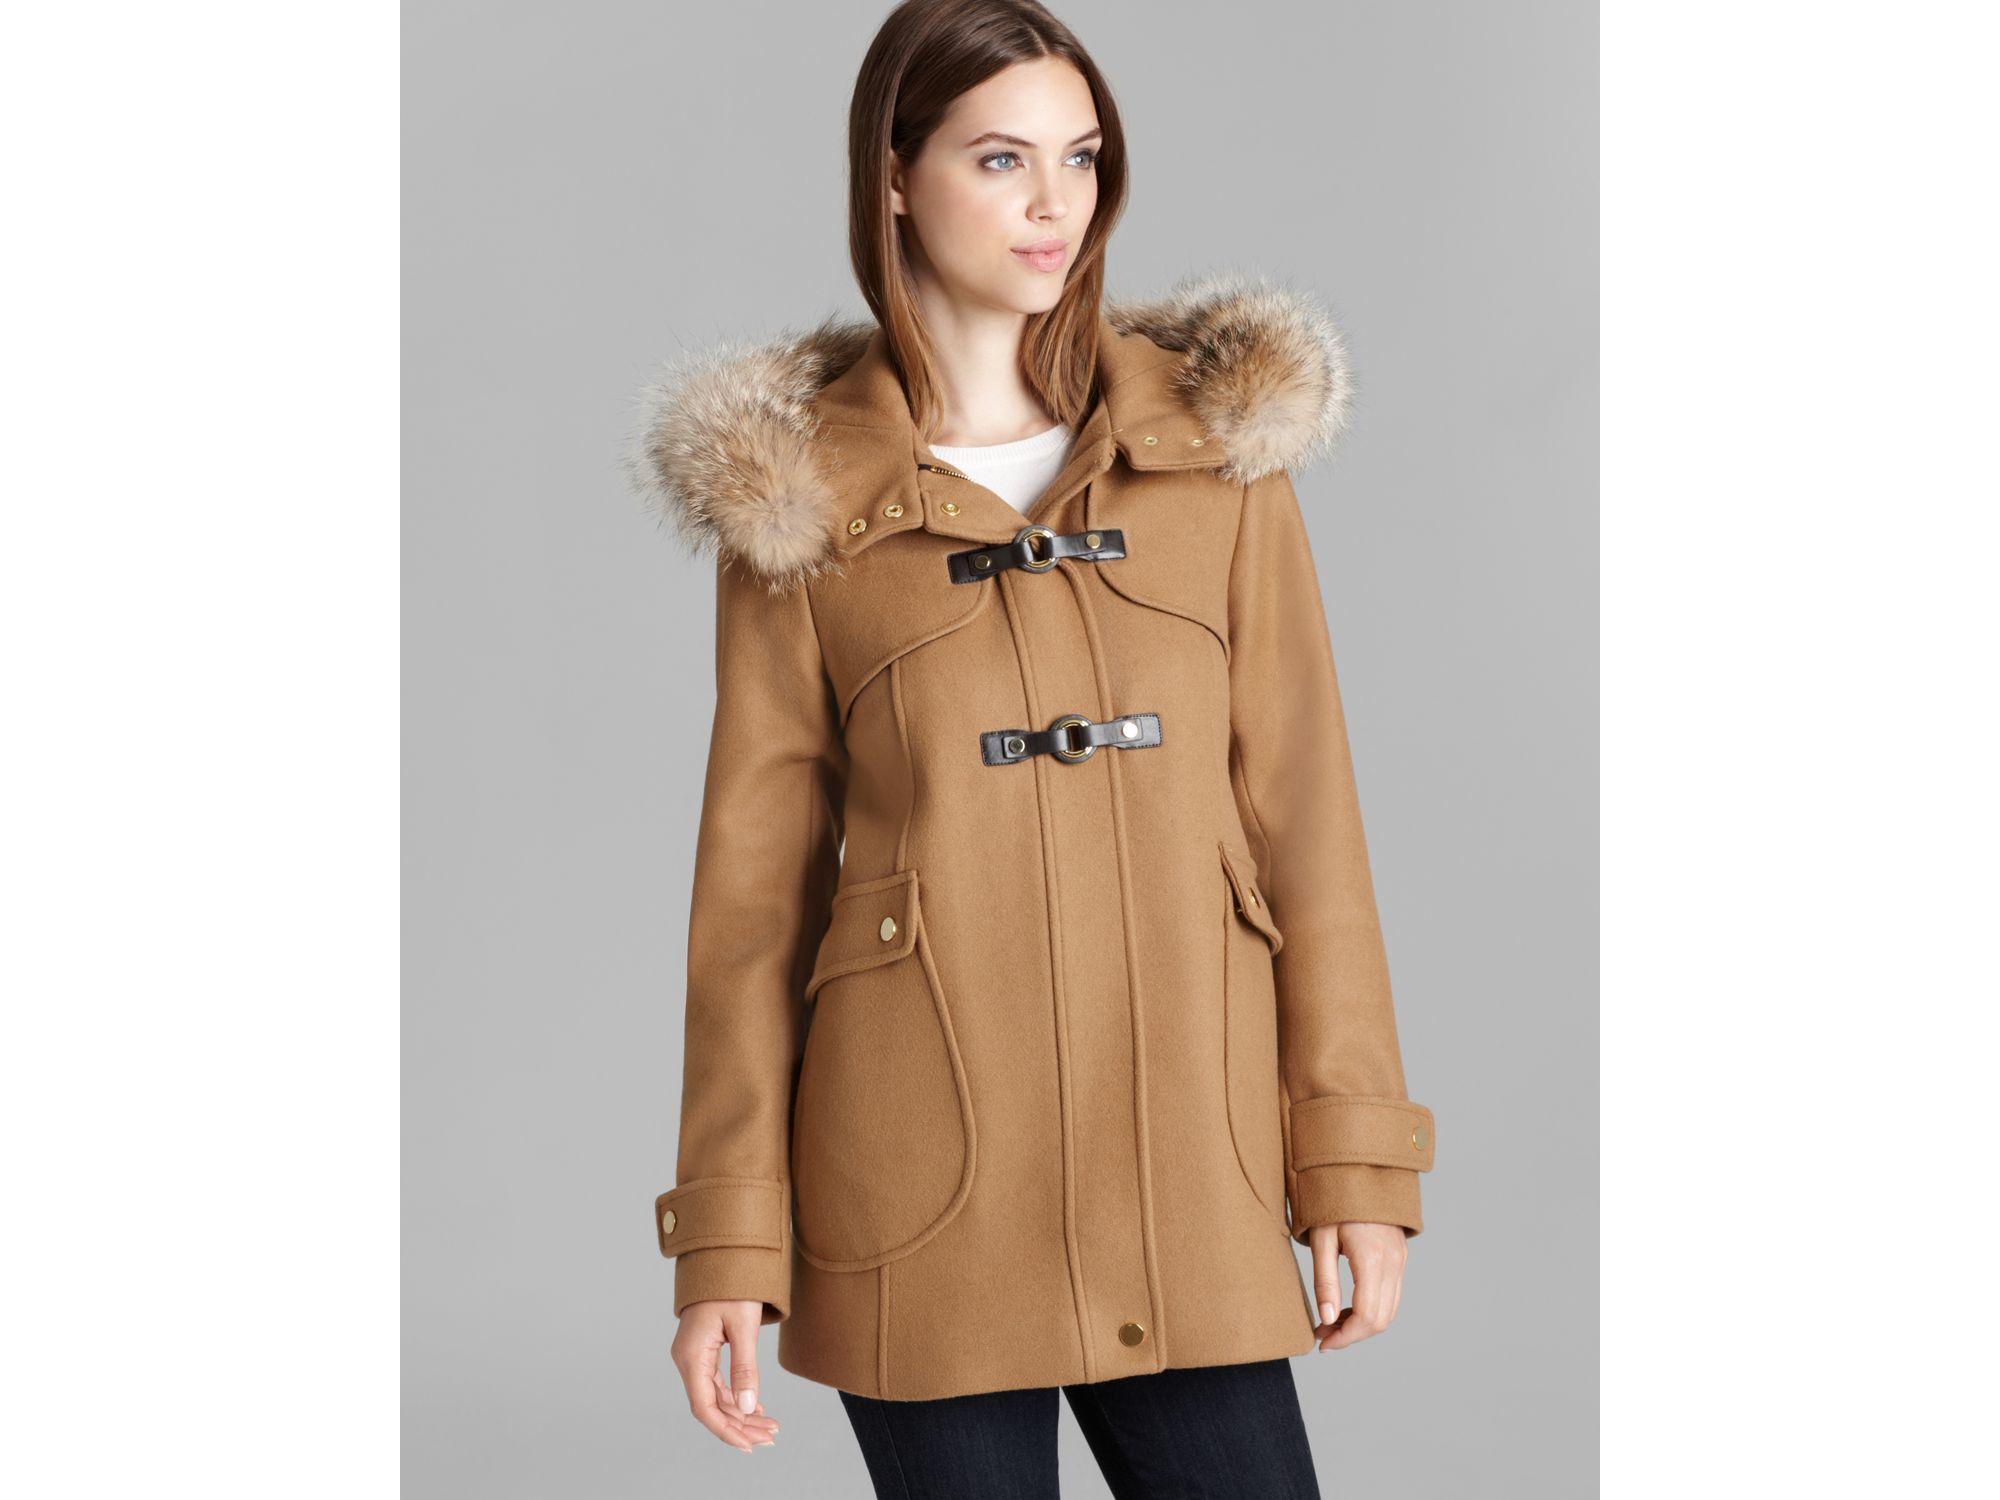 Images of Fur Trim Coat - Reikian